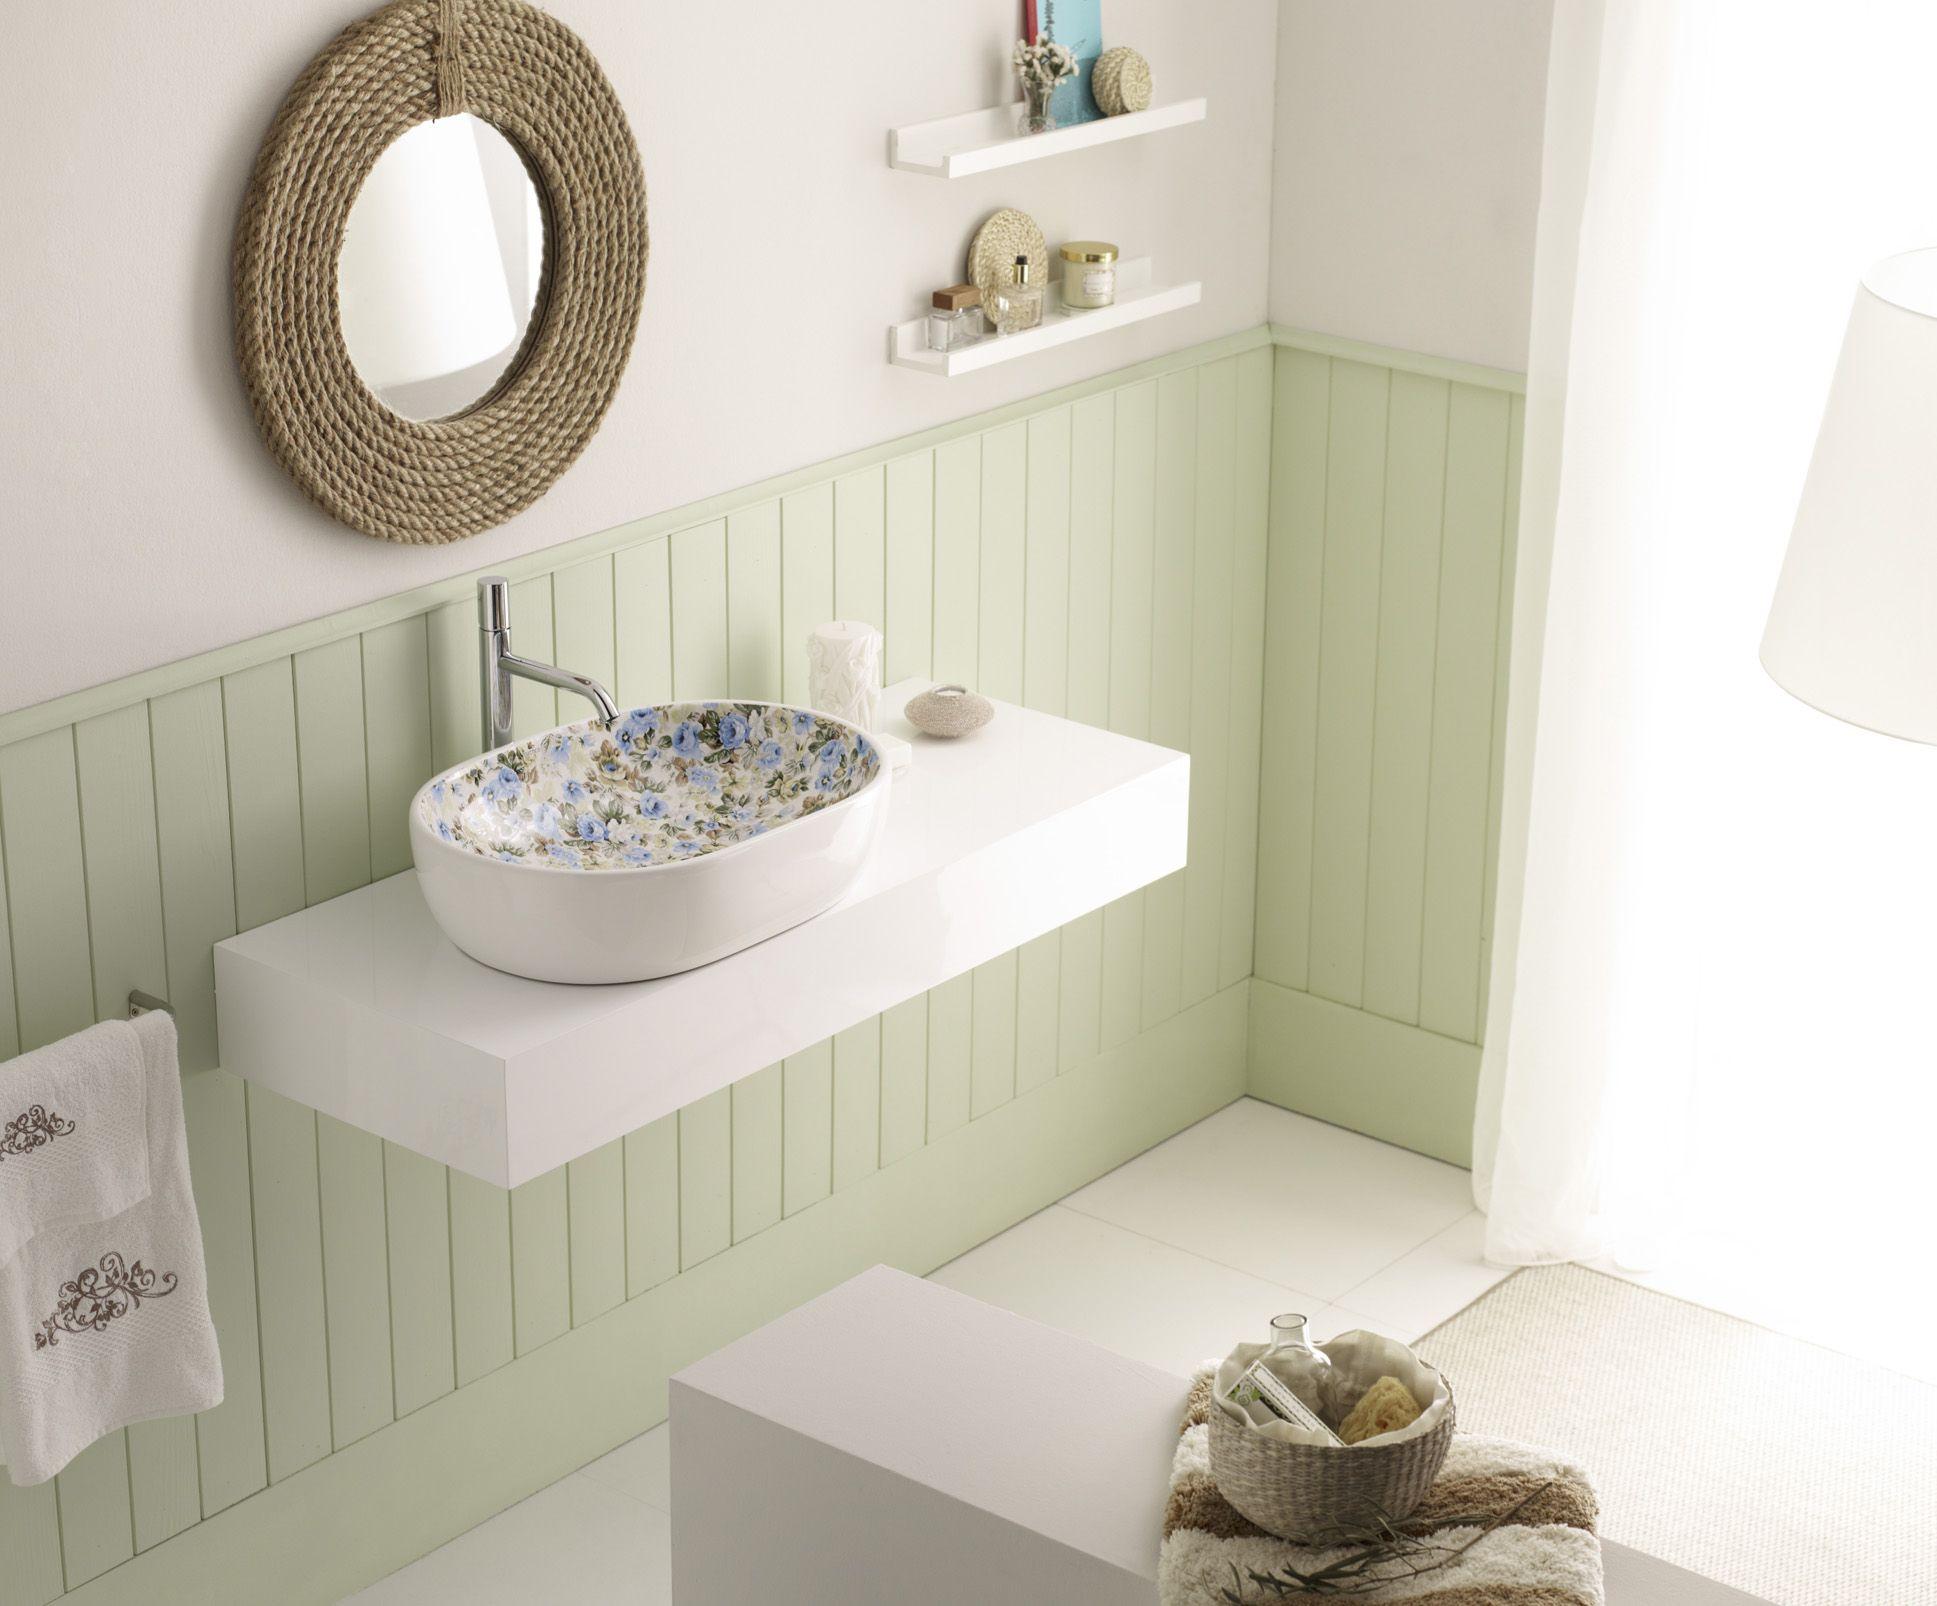 Lavabo De Porcelana Blanca Decorado Quebec 4037/QB